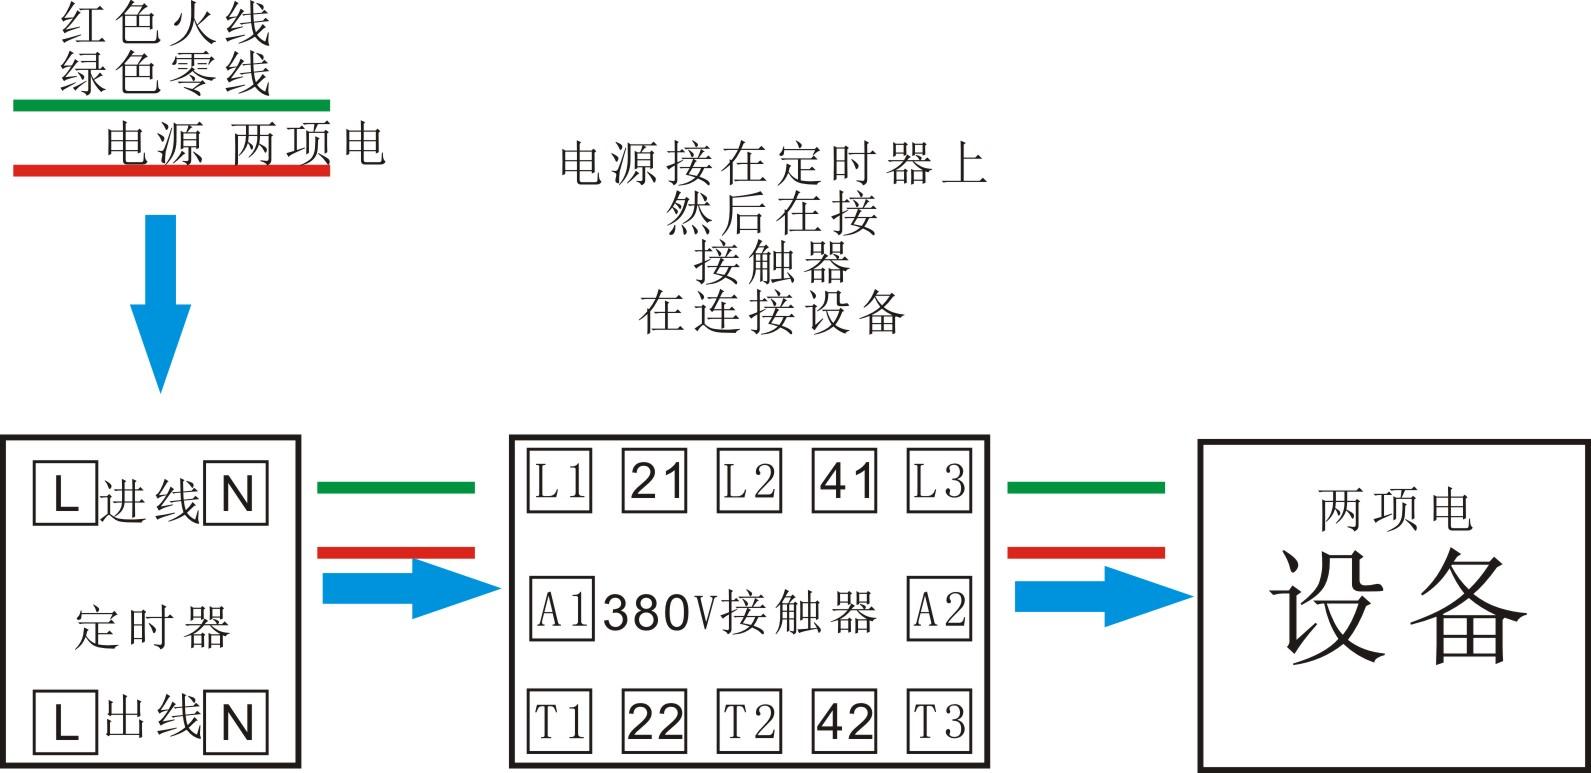 定时器接380v接触器线路图(输入,输出都是两项电)